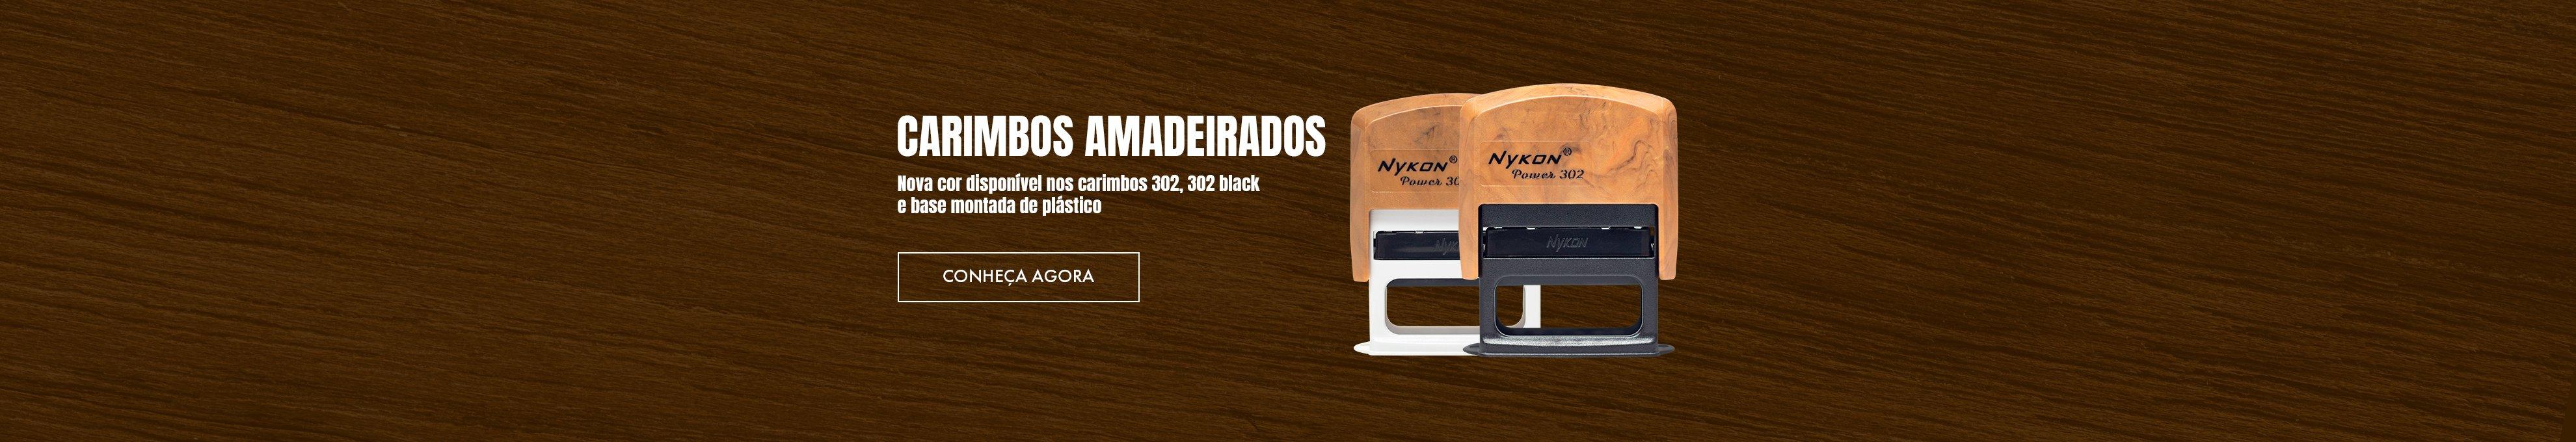 Conheça a cor Amadeirado, a nova opção dos carimbos da Nykon!